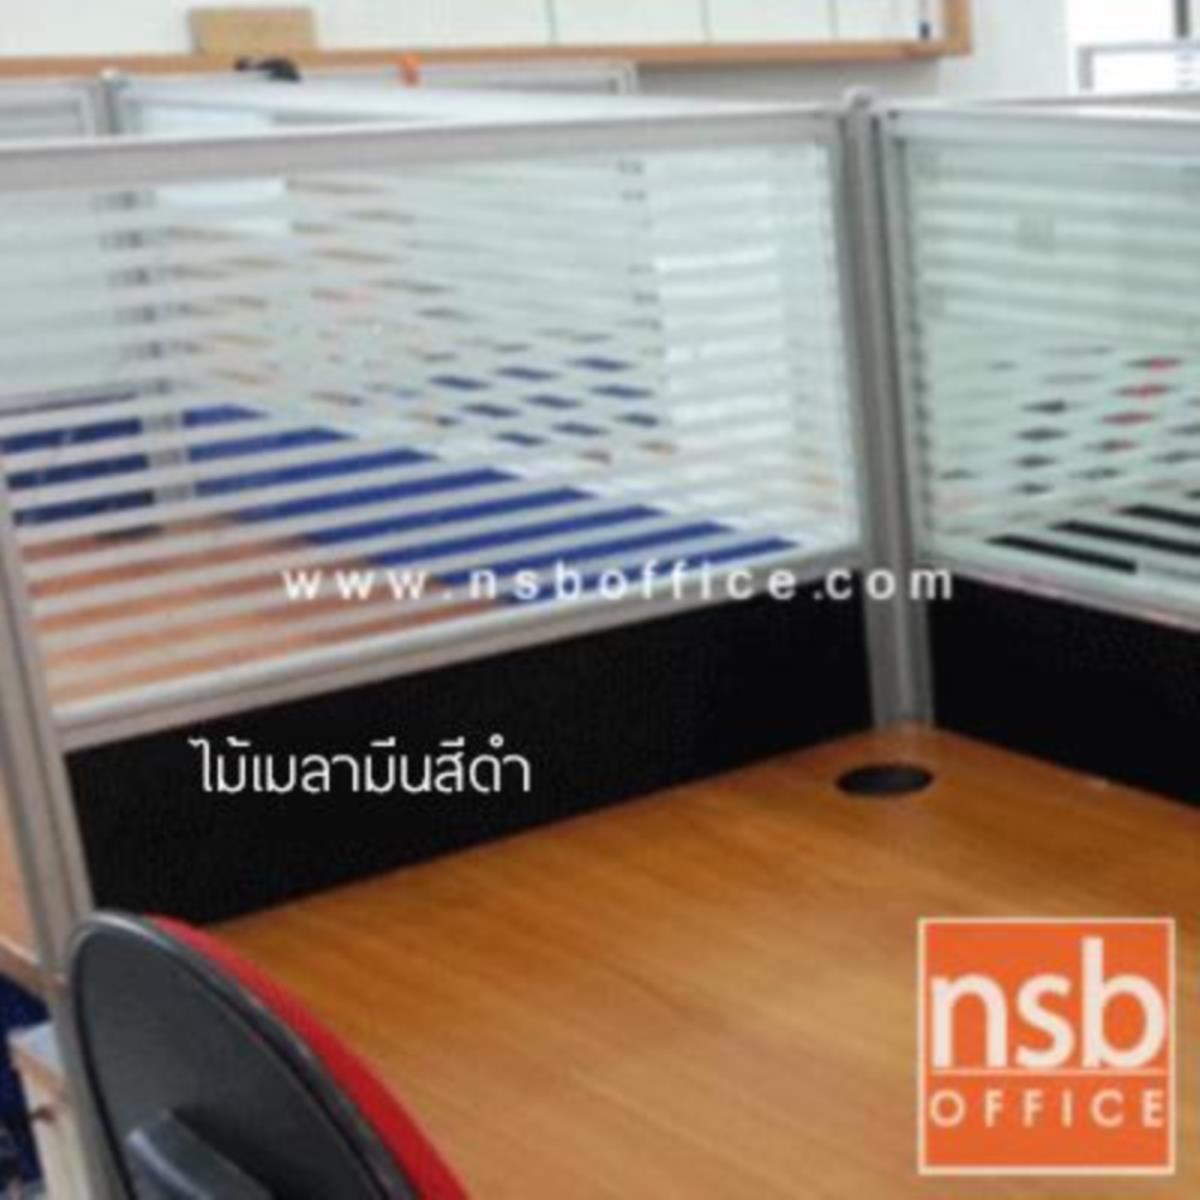 ชุดโต๊ะทำงานกลุ่ม 9 ที่นั่ง  ขนาดรวม 550W*126D cm. พร้อมพาร์ทิชั่นครึ่งกระจกขัดลาย